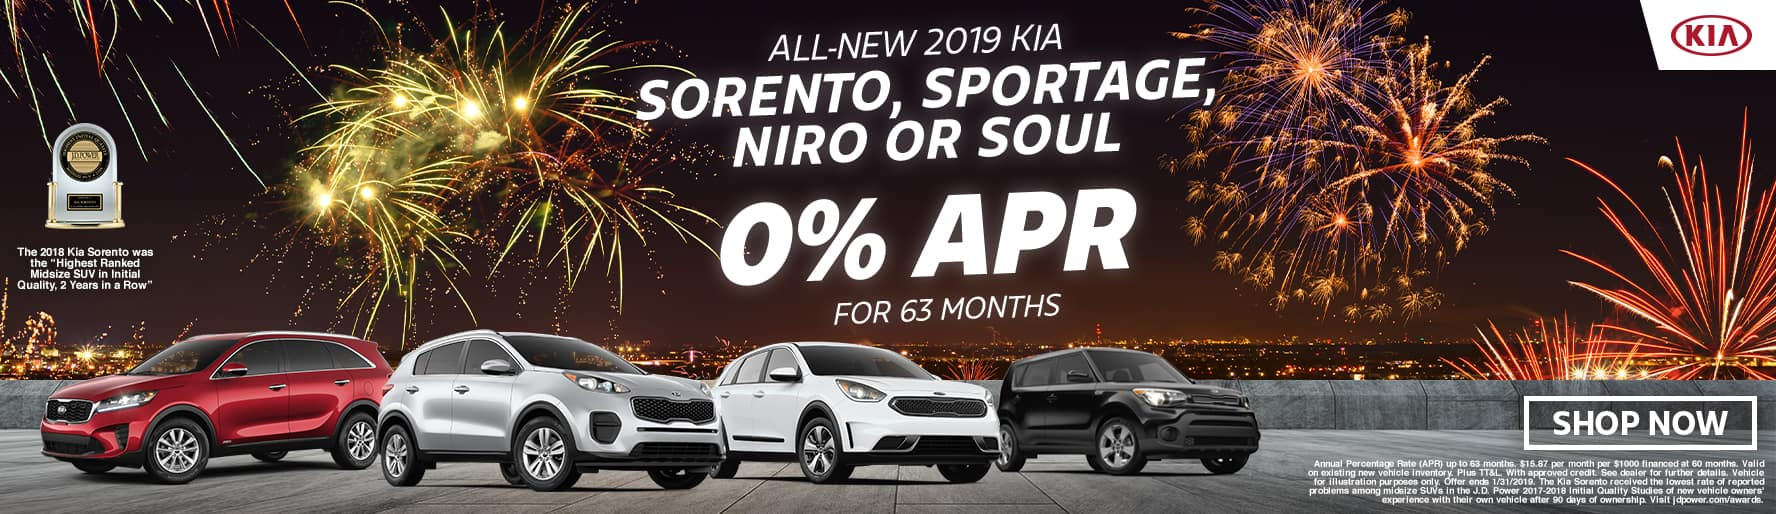 2019-Kia-Sorento-Sportage-Niro-Soul